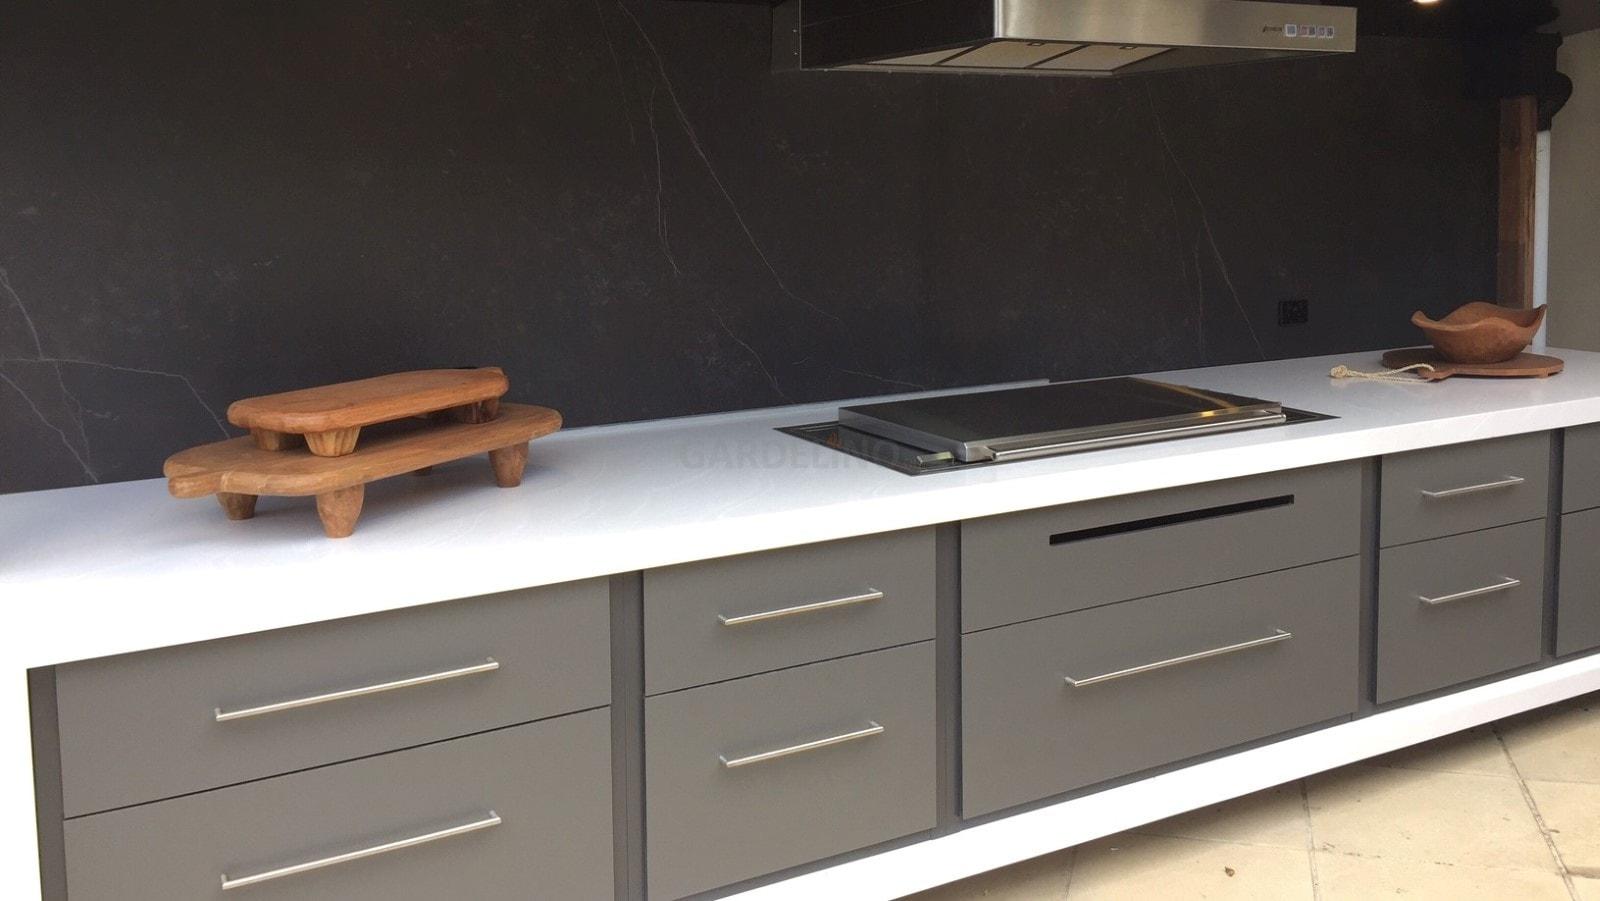 Outdoorküche Mit Gasgrill : Outdoor küche einbau gasgrill einzigartige outdoorküche mit